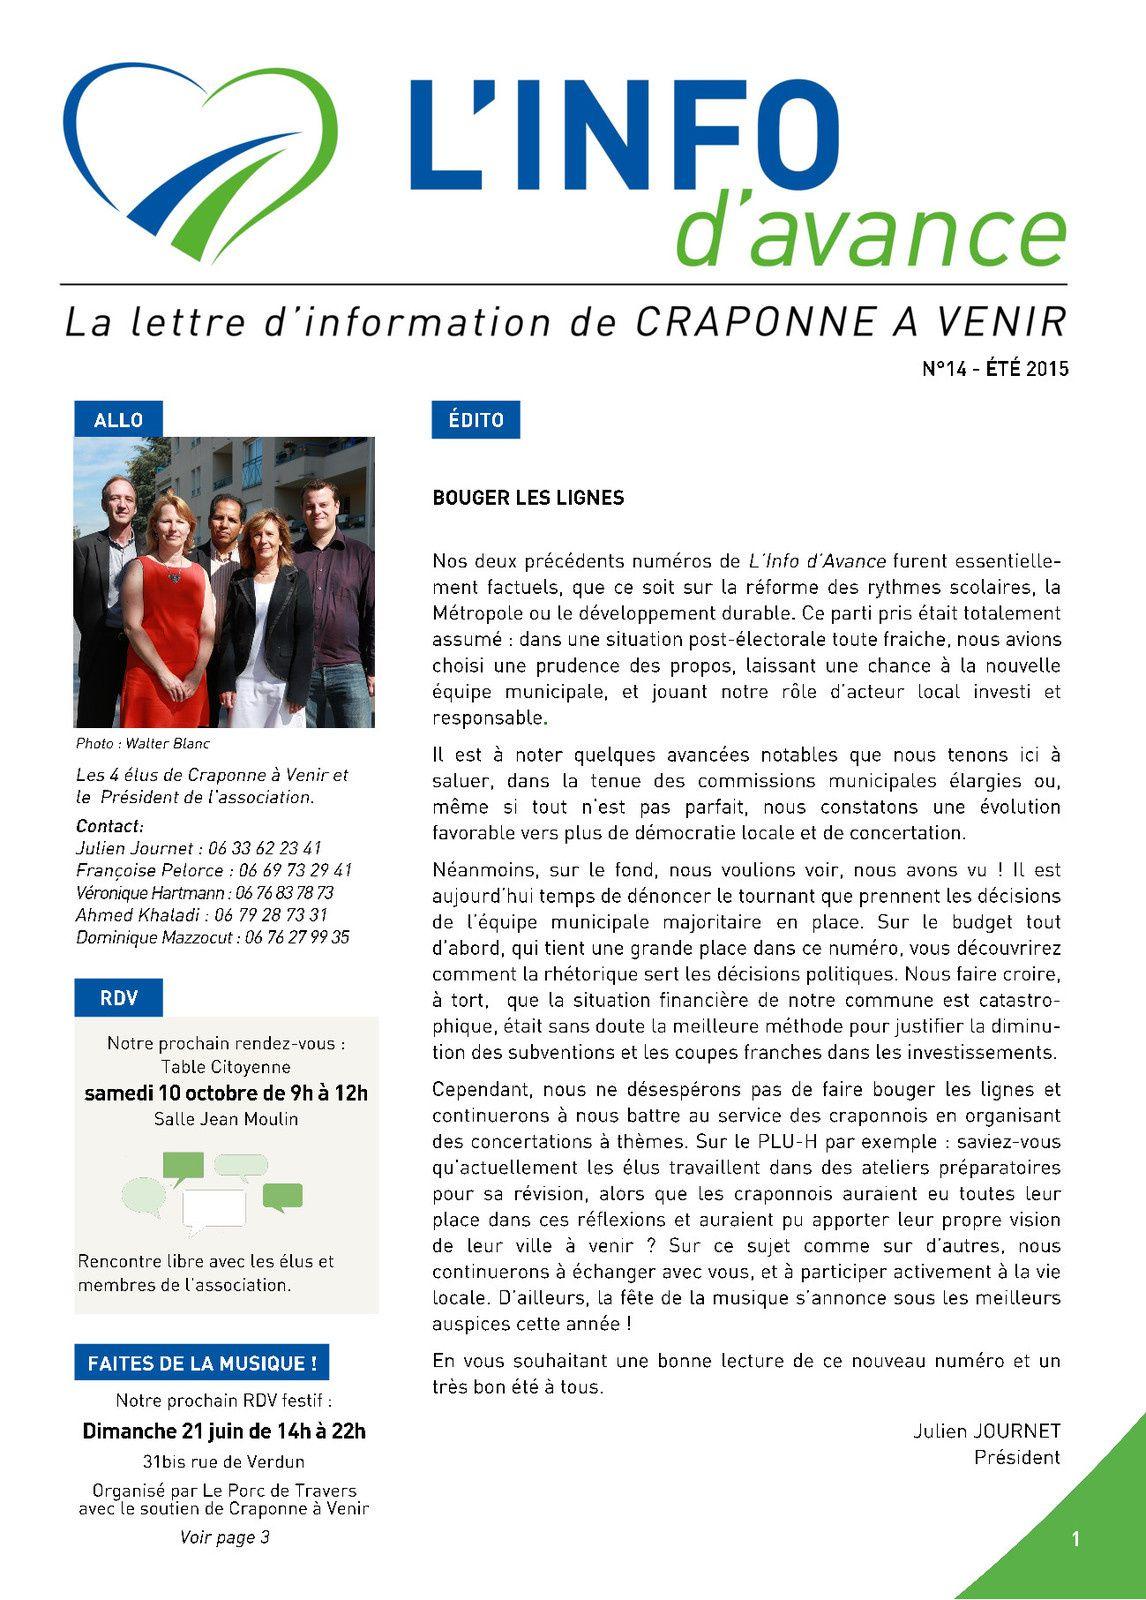 L'info D'avance n°14 - été 2015